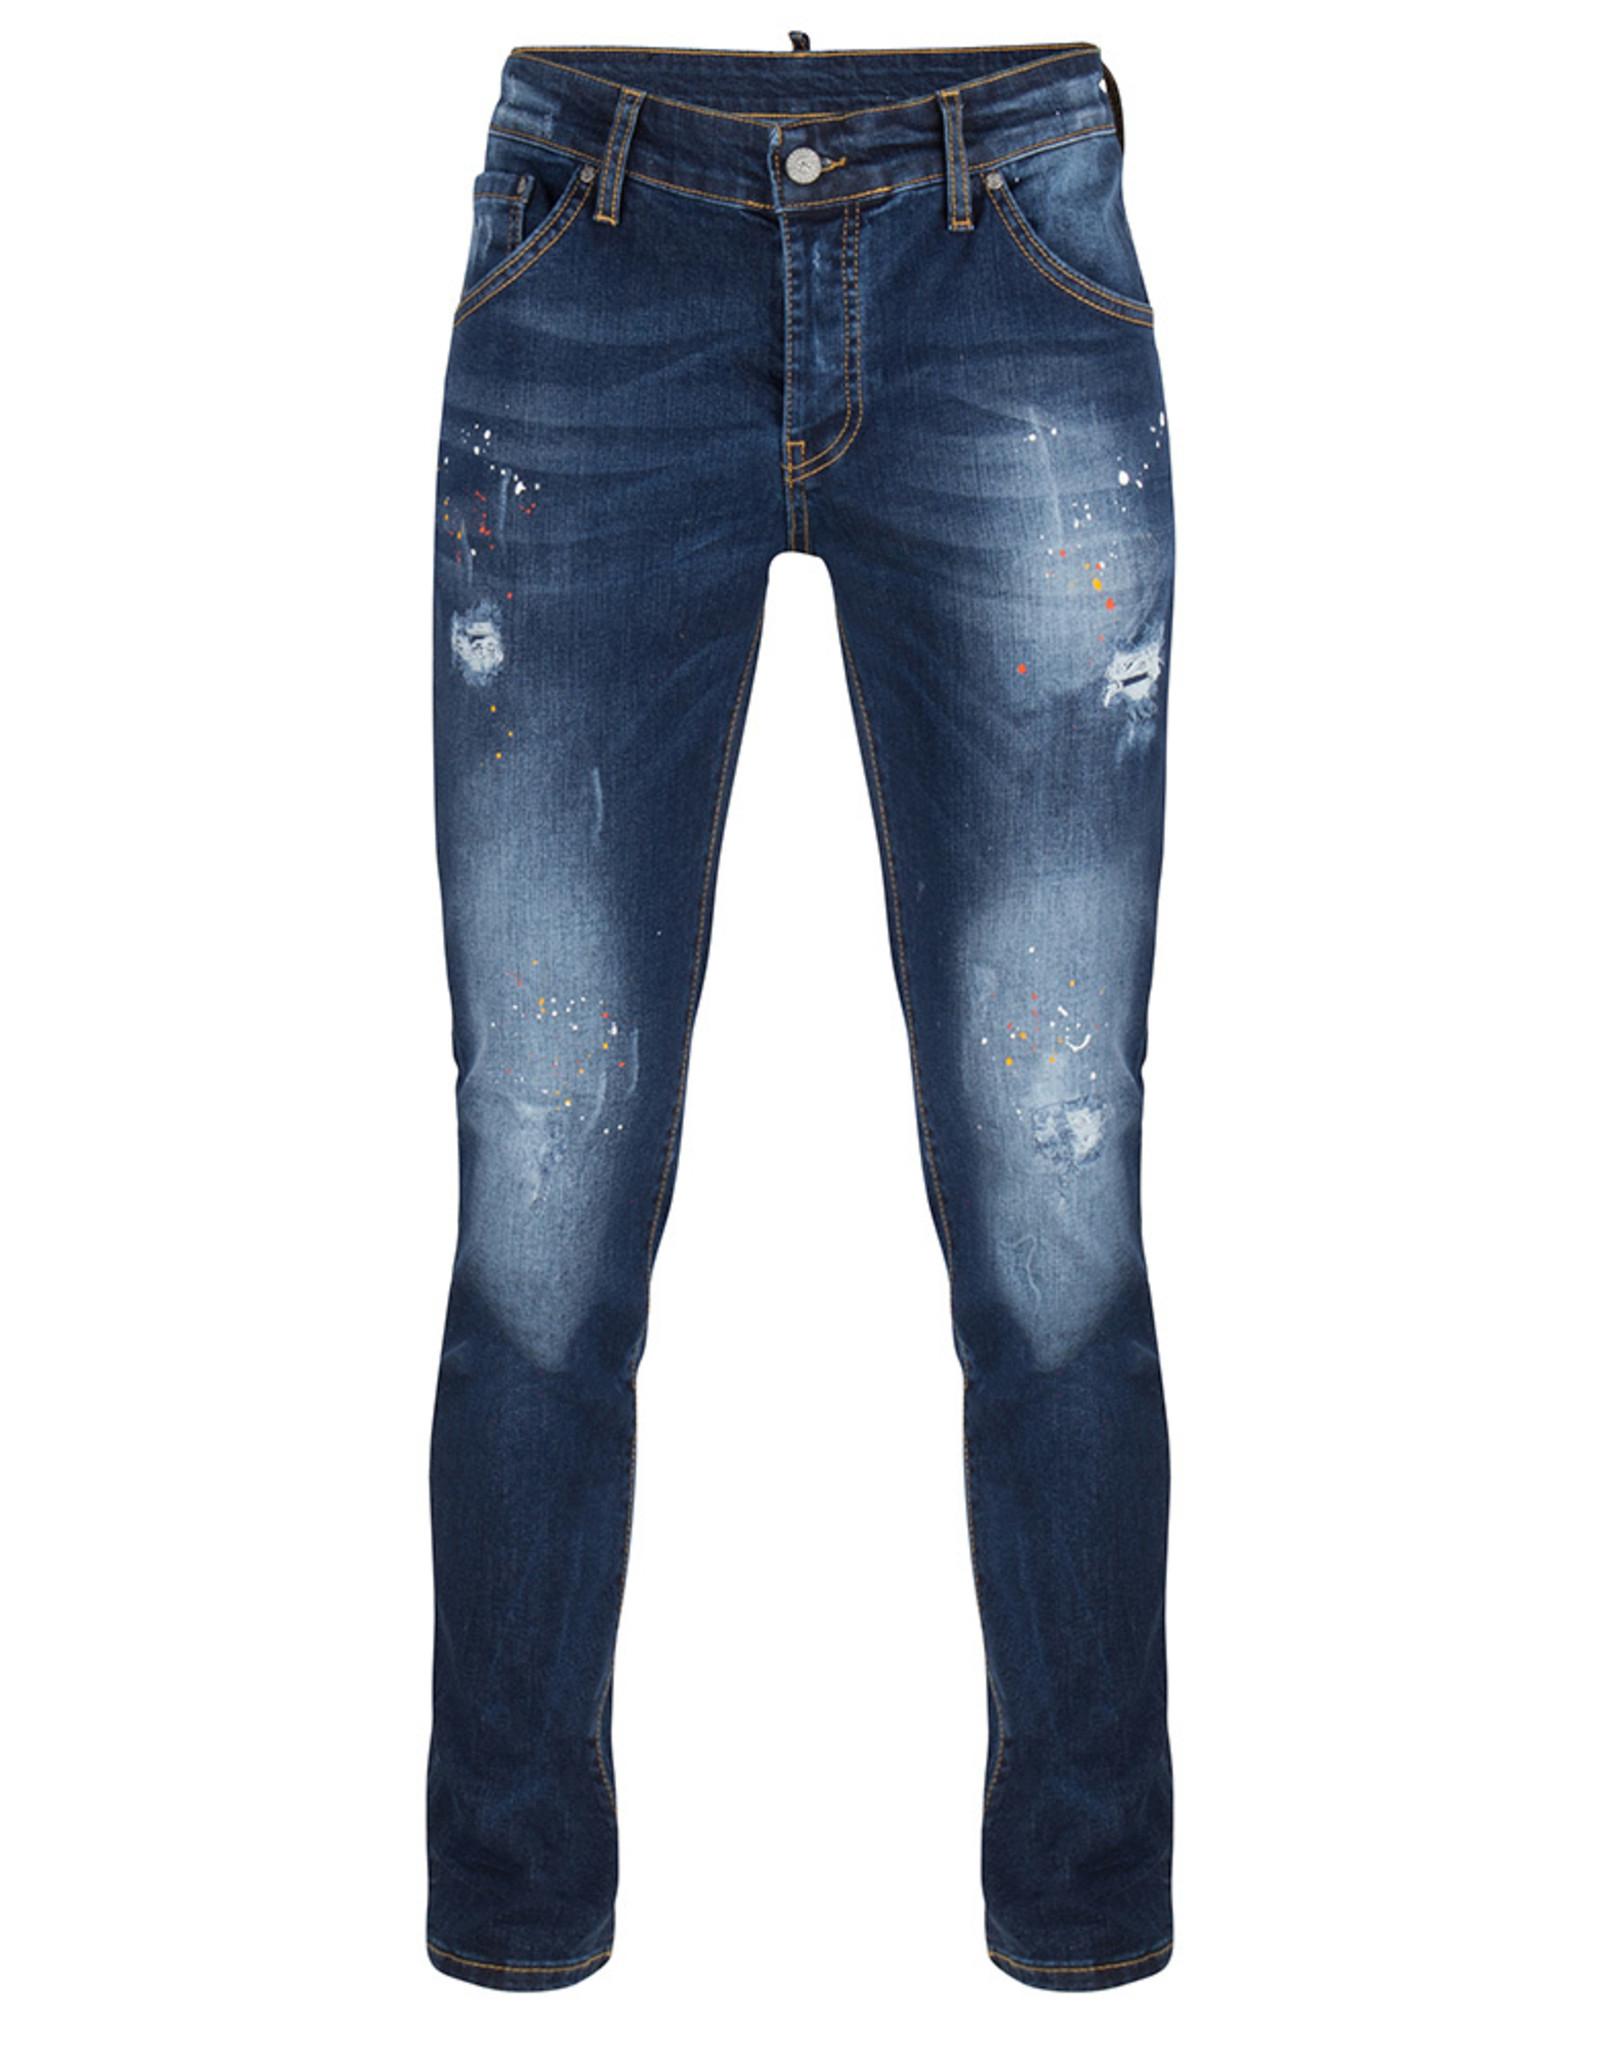 Fervency Luxe Slim Fit jeans